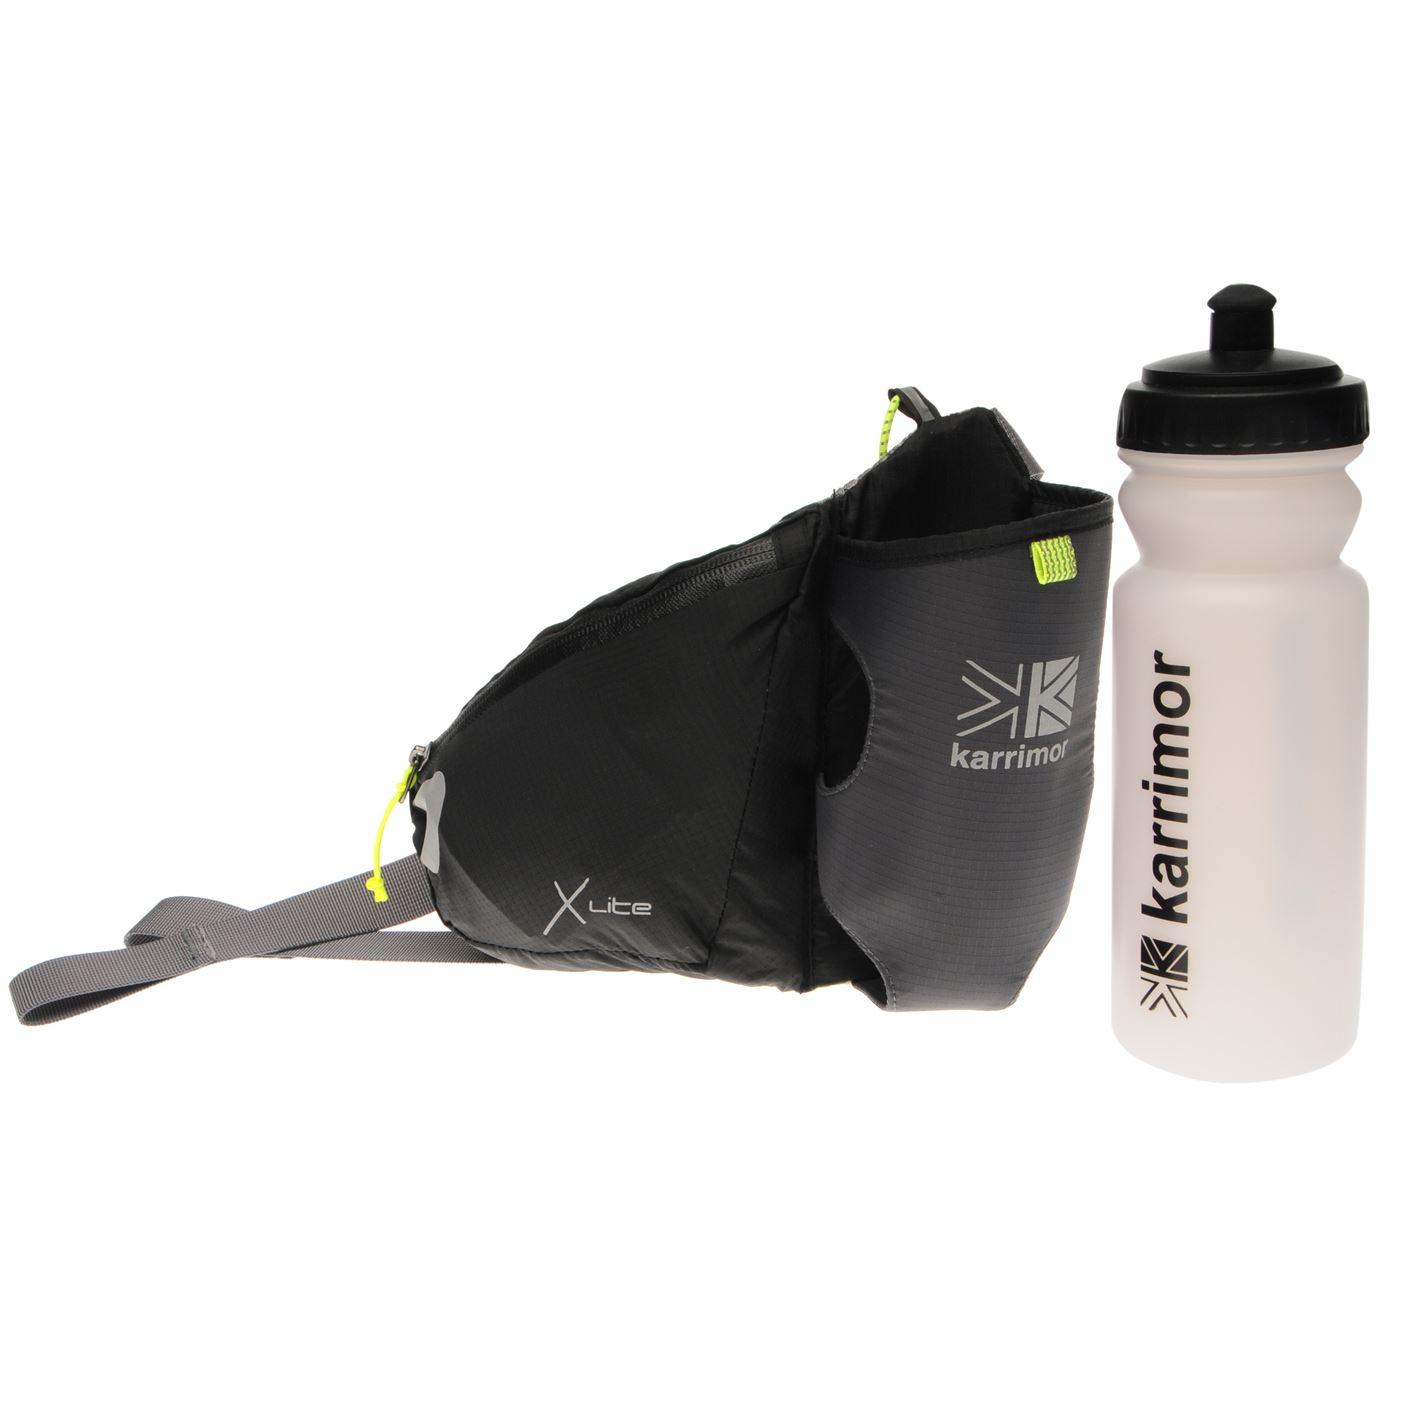 Karrimor X Lite Jogging Cintura BOTTIGLIA visibilità elastico accessorio di formazione